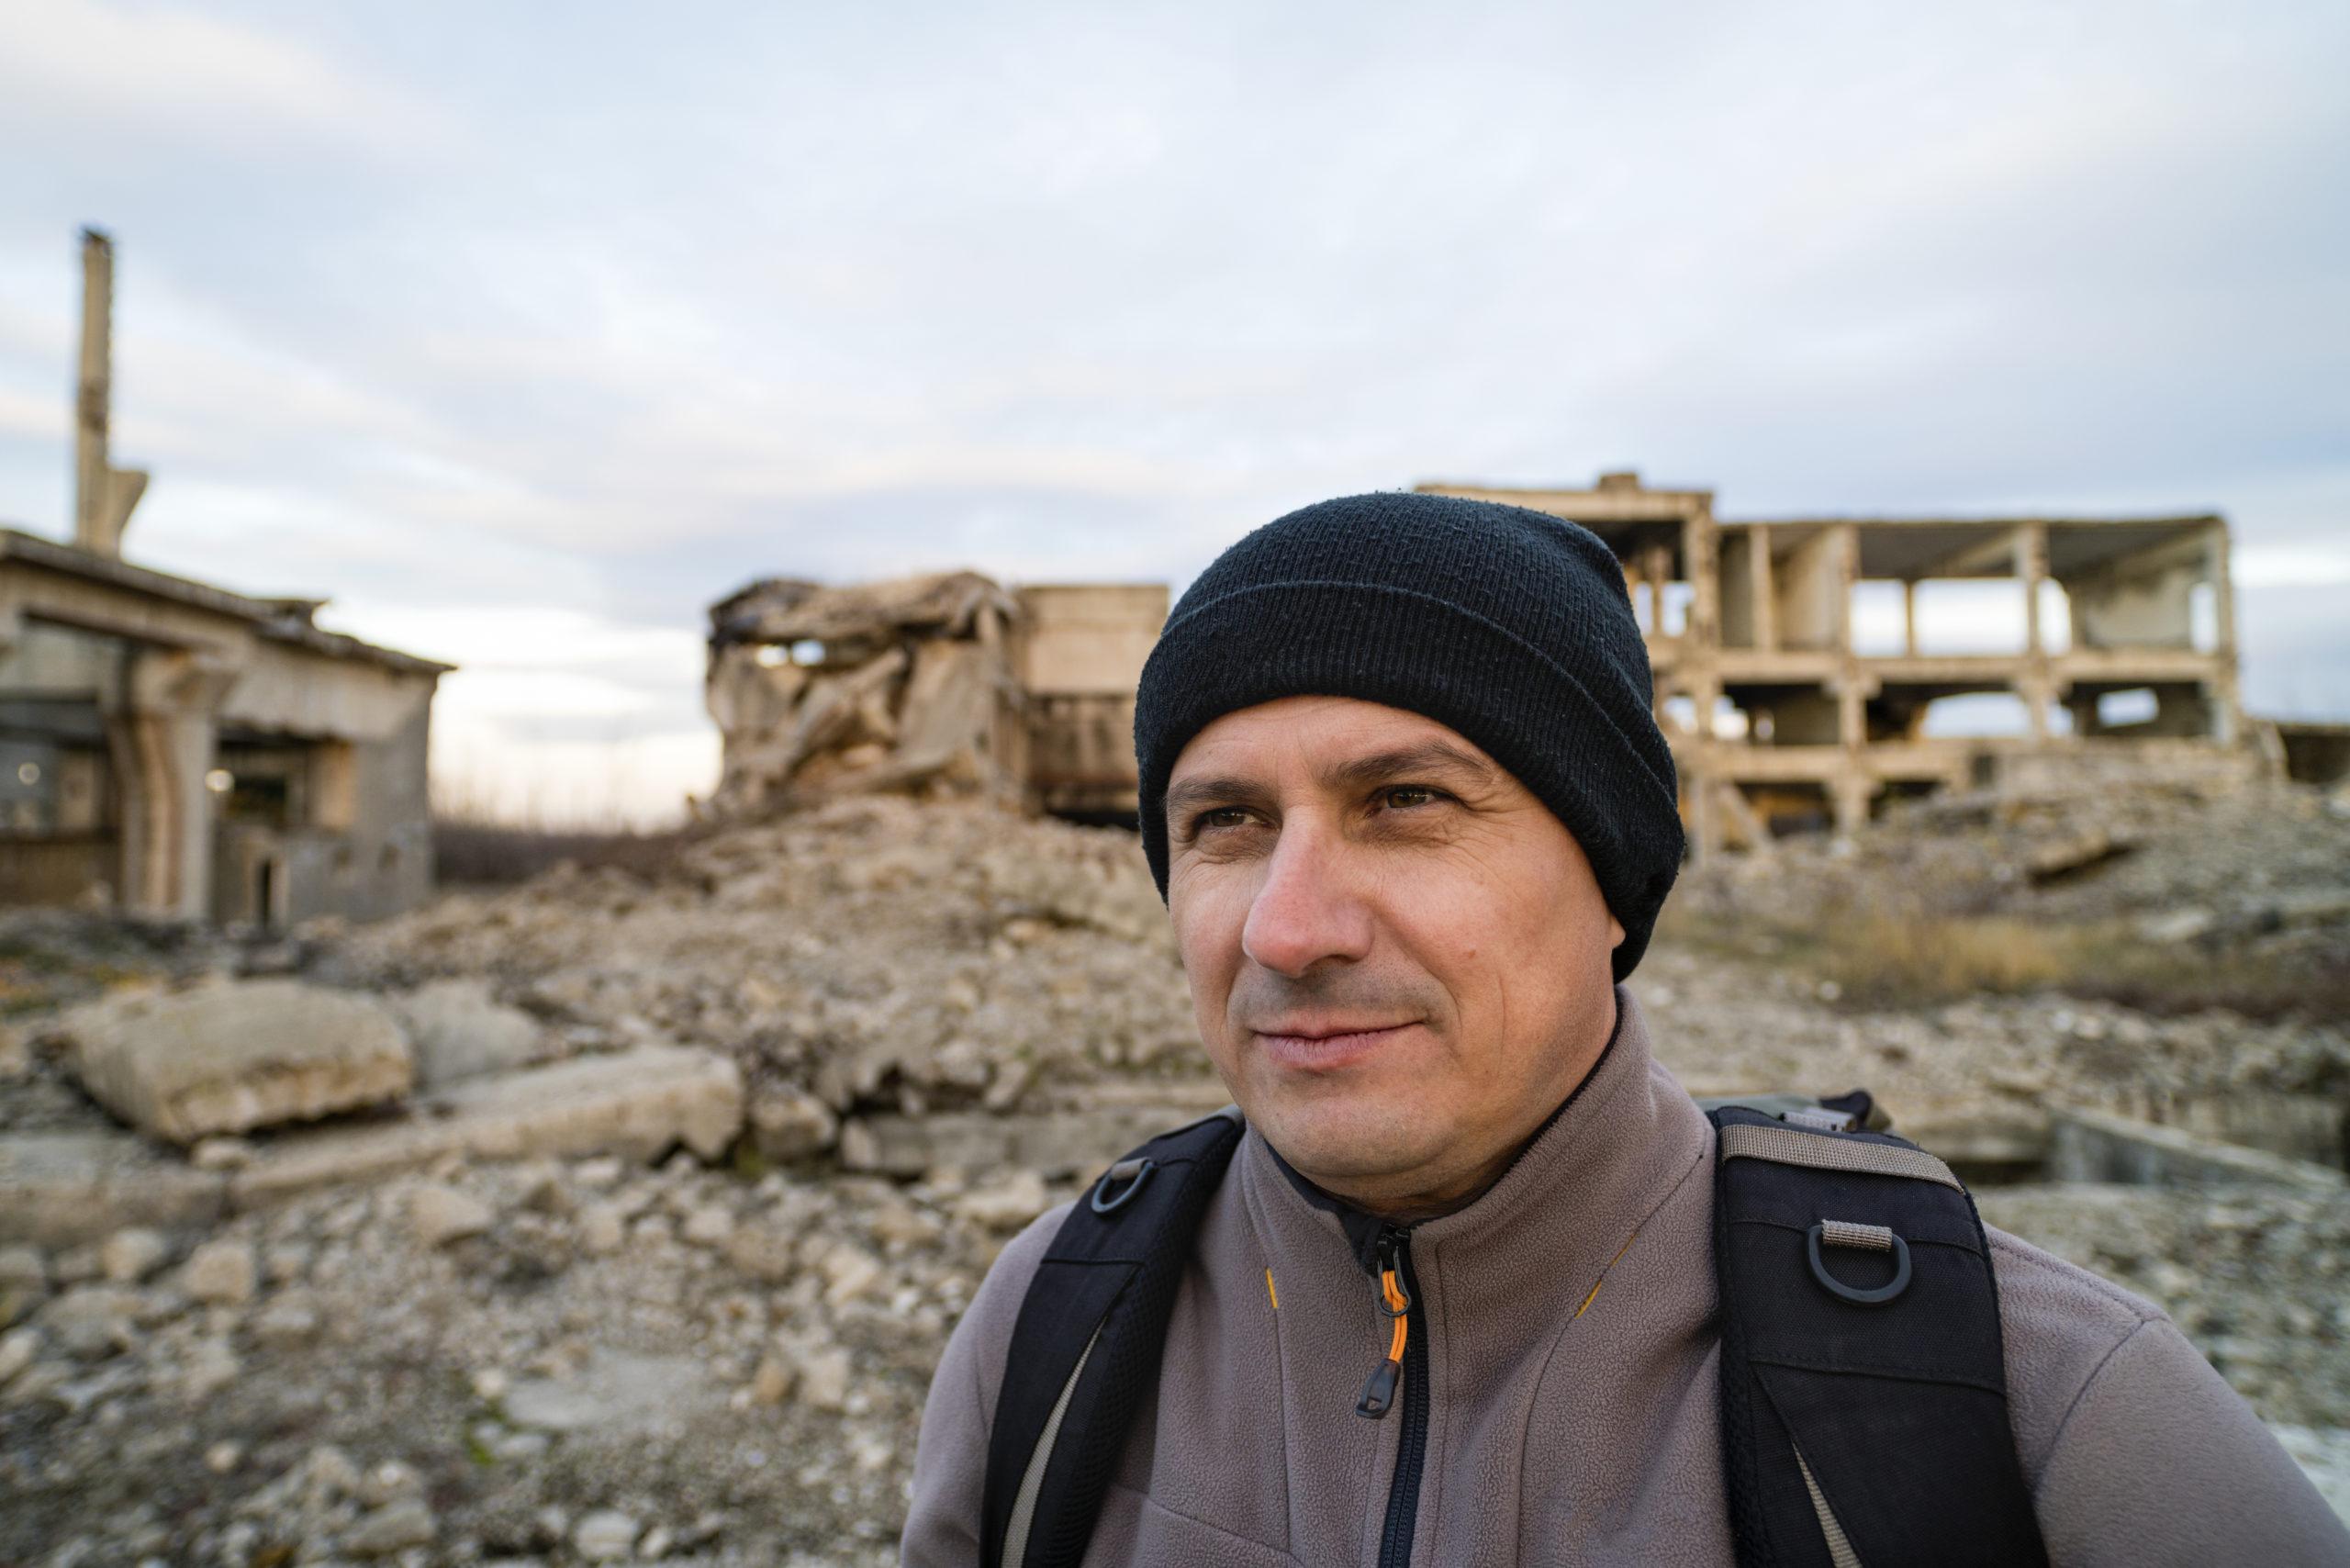 Séisme de magnitude 5,4 en Bosnie-Herzégovine